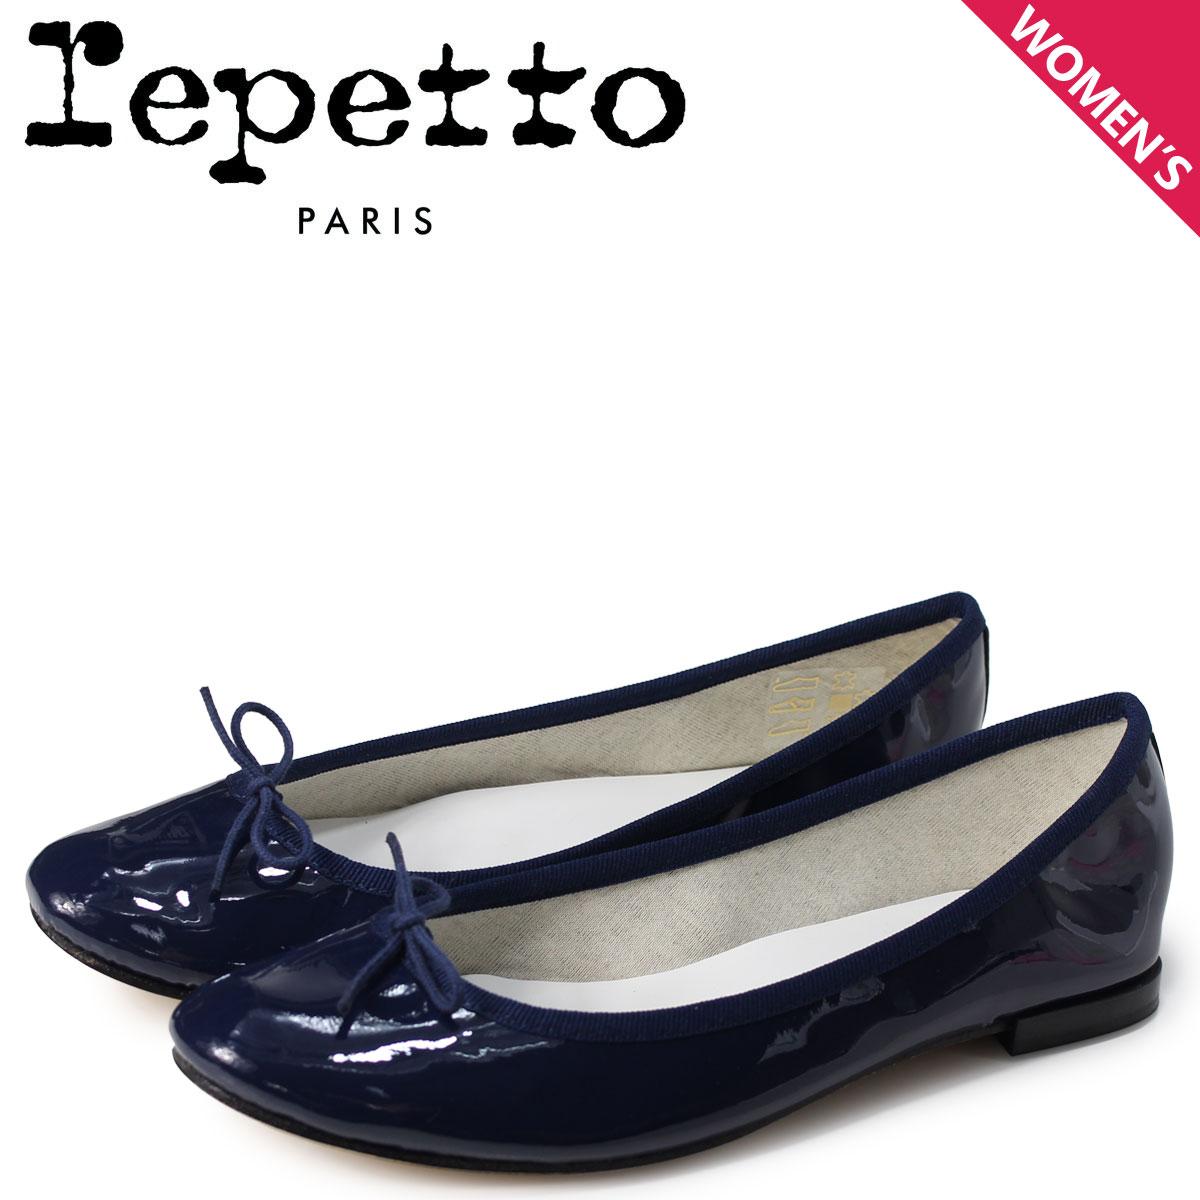 【10%OFF】 Repetto レペット バレエシューズ サンドリオン パンプス レディース CENDRILLON BALLERINA ネイビー V086-851